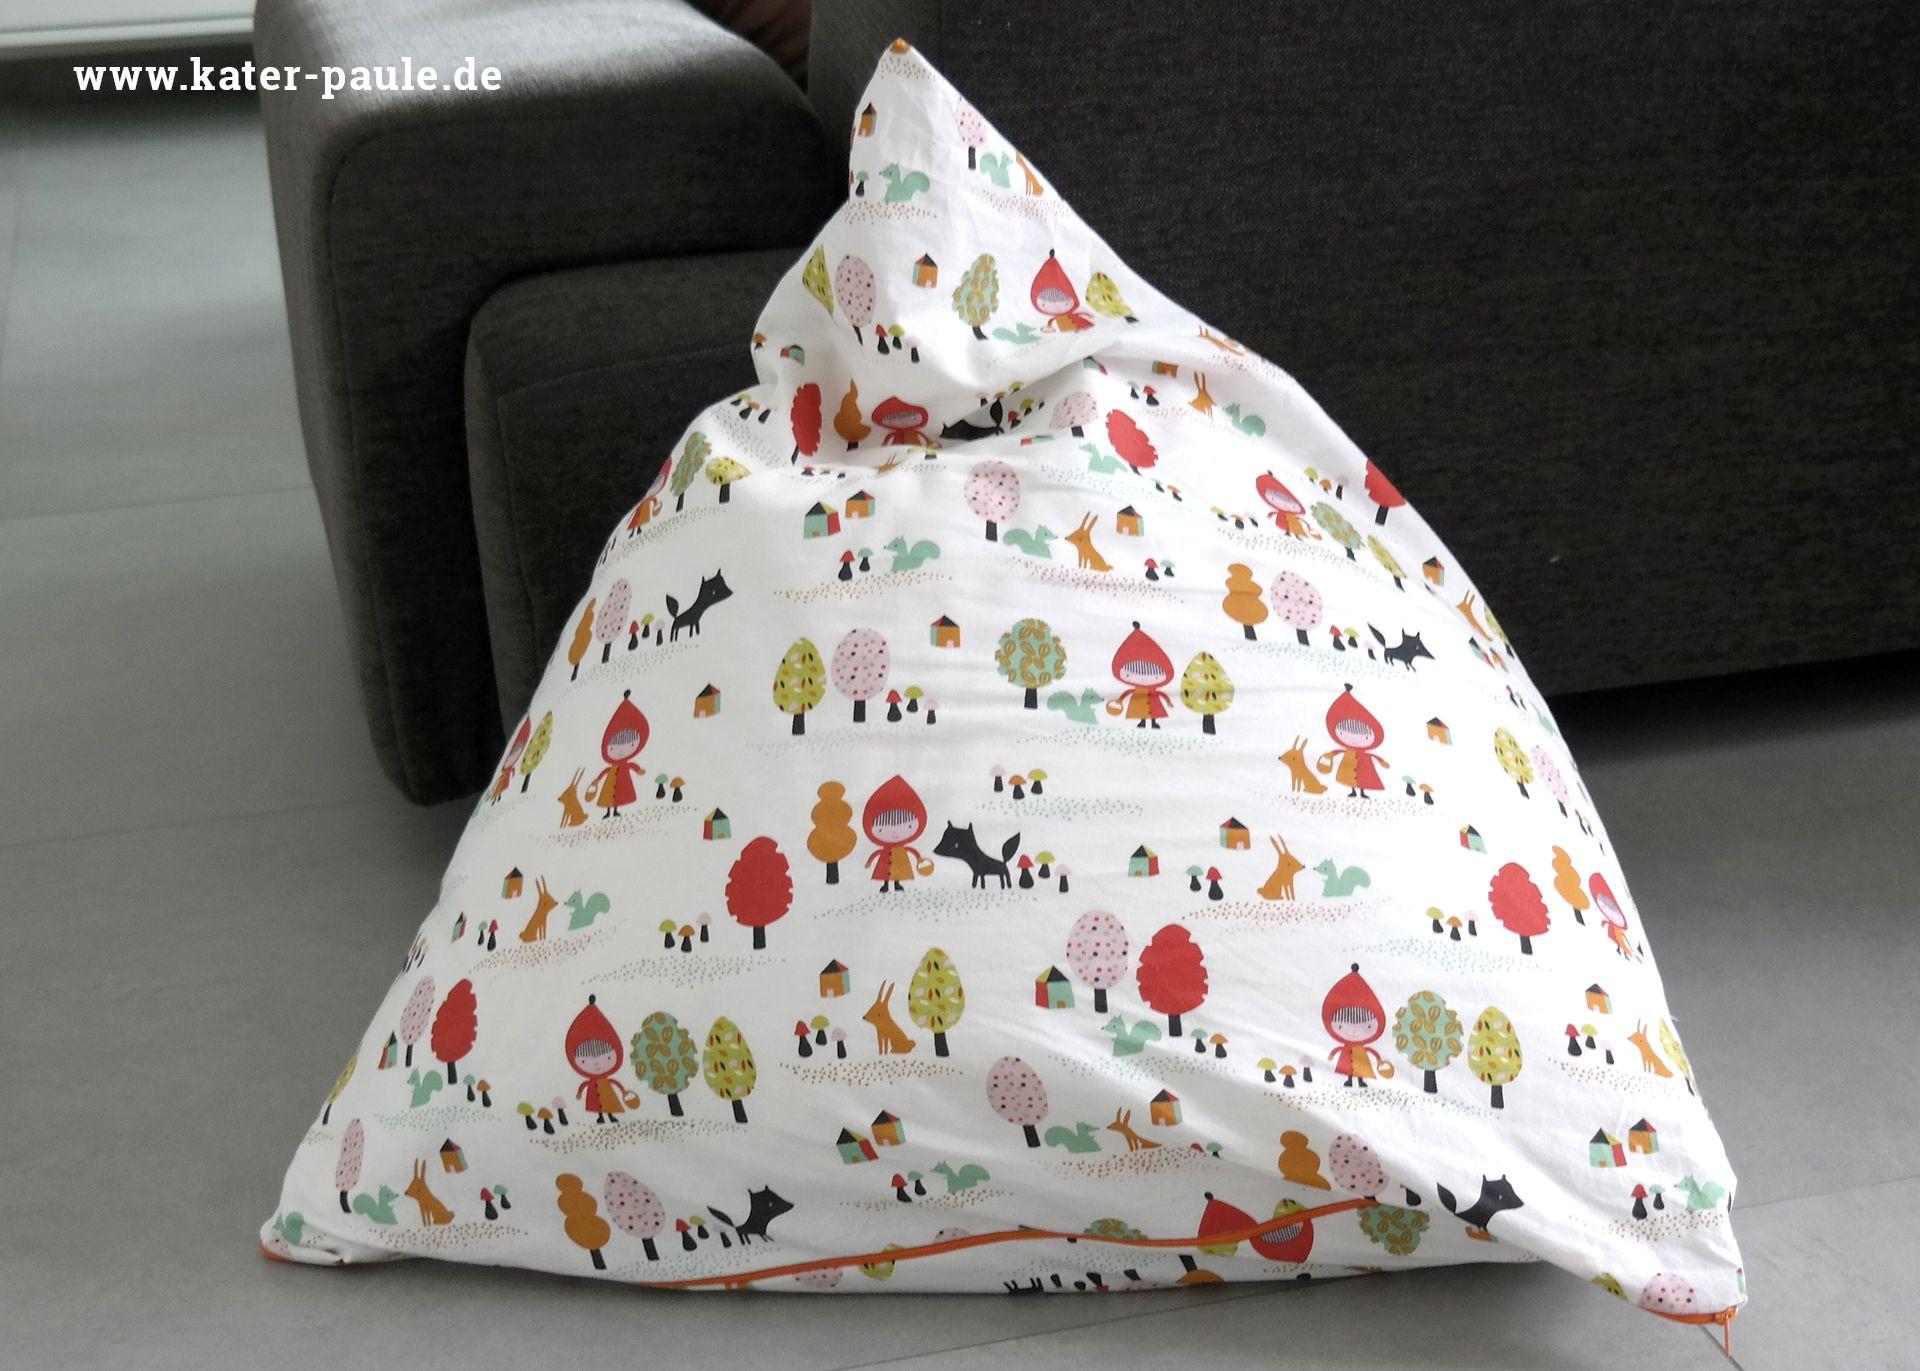 von gummib rchen kunstschnee und rotk ppchen ein sitzsack f r klein und gro n hen f r. Black Bedroom Furniture Sets. Home Design Ideas